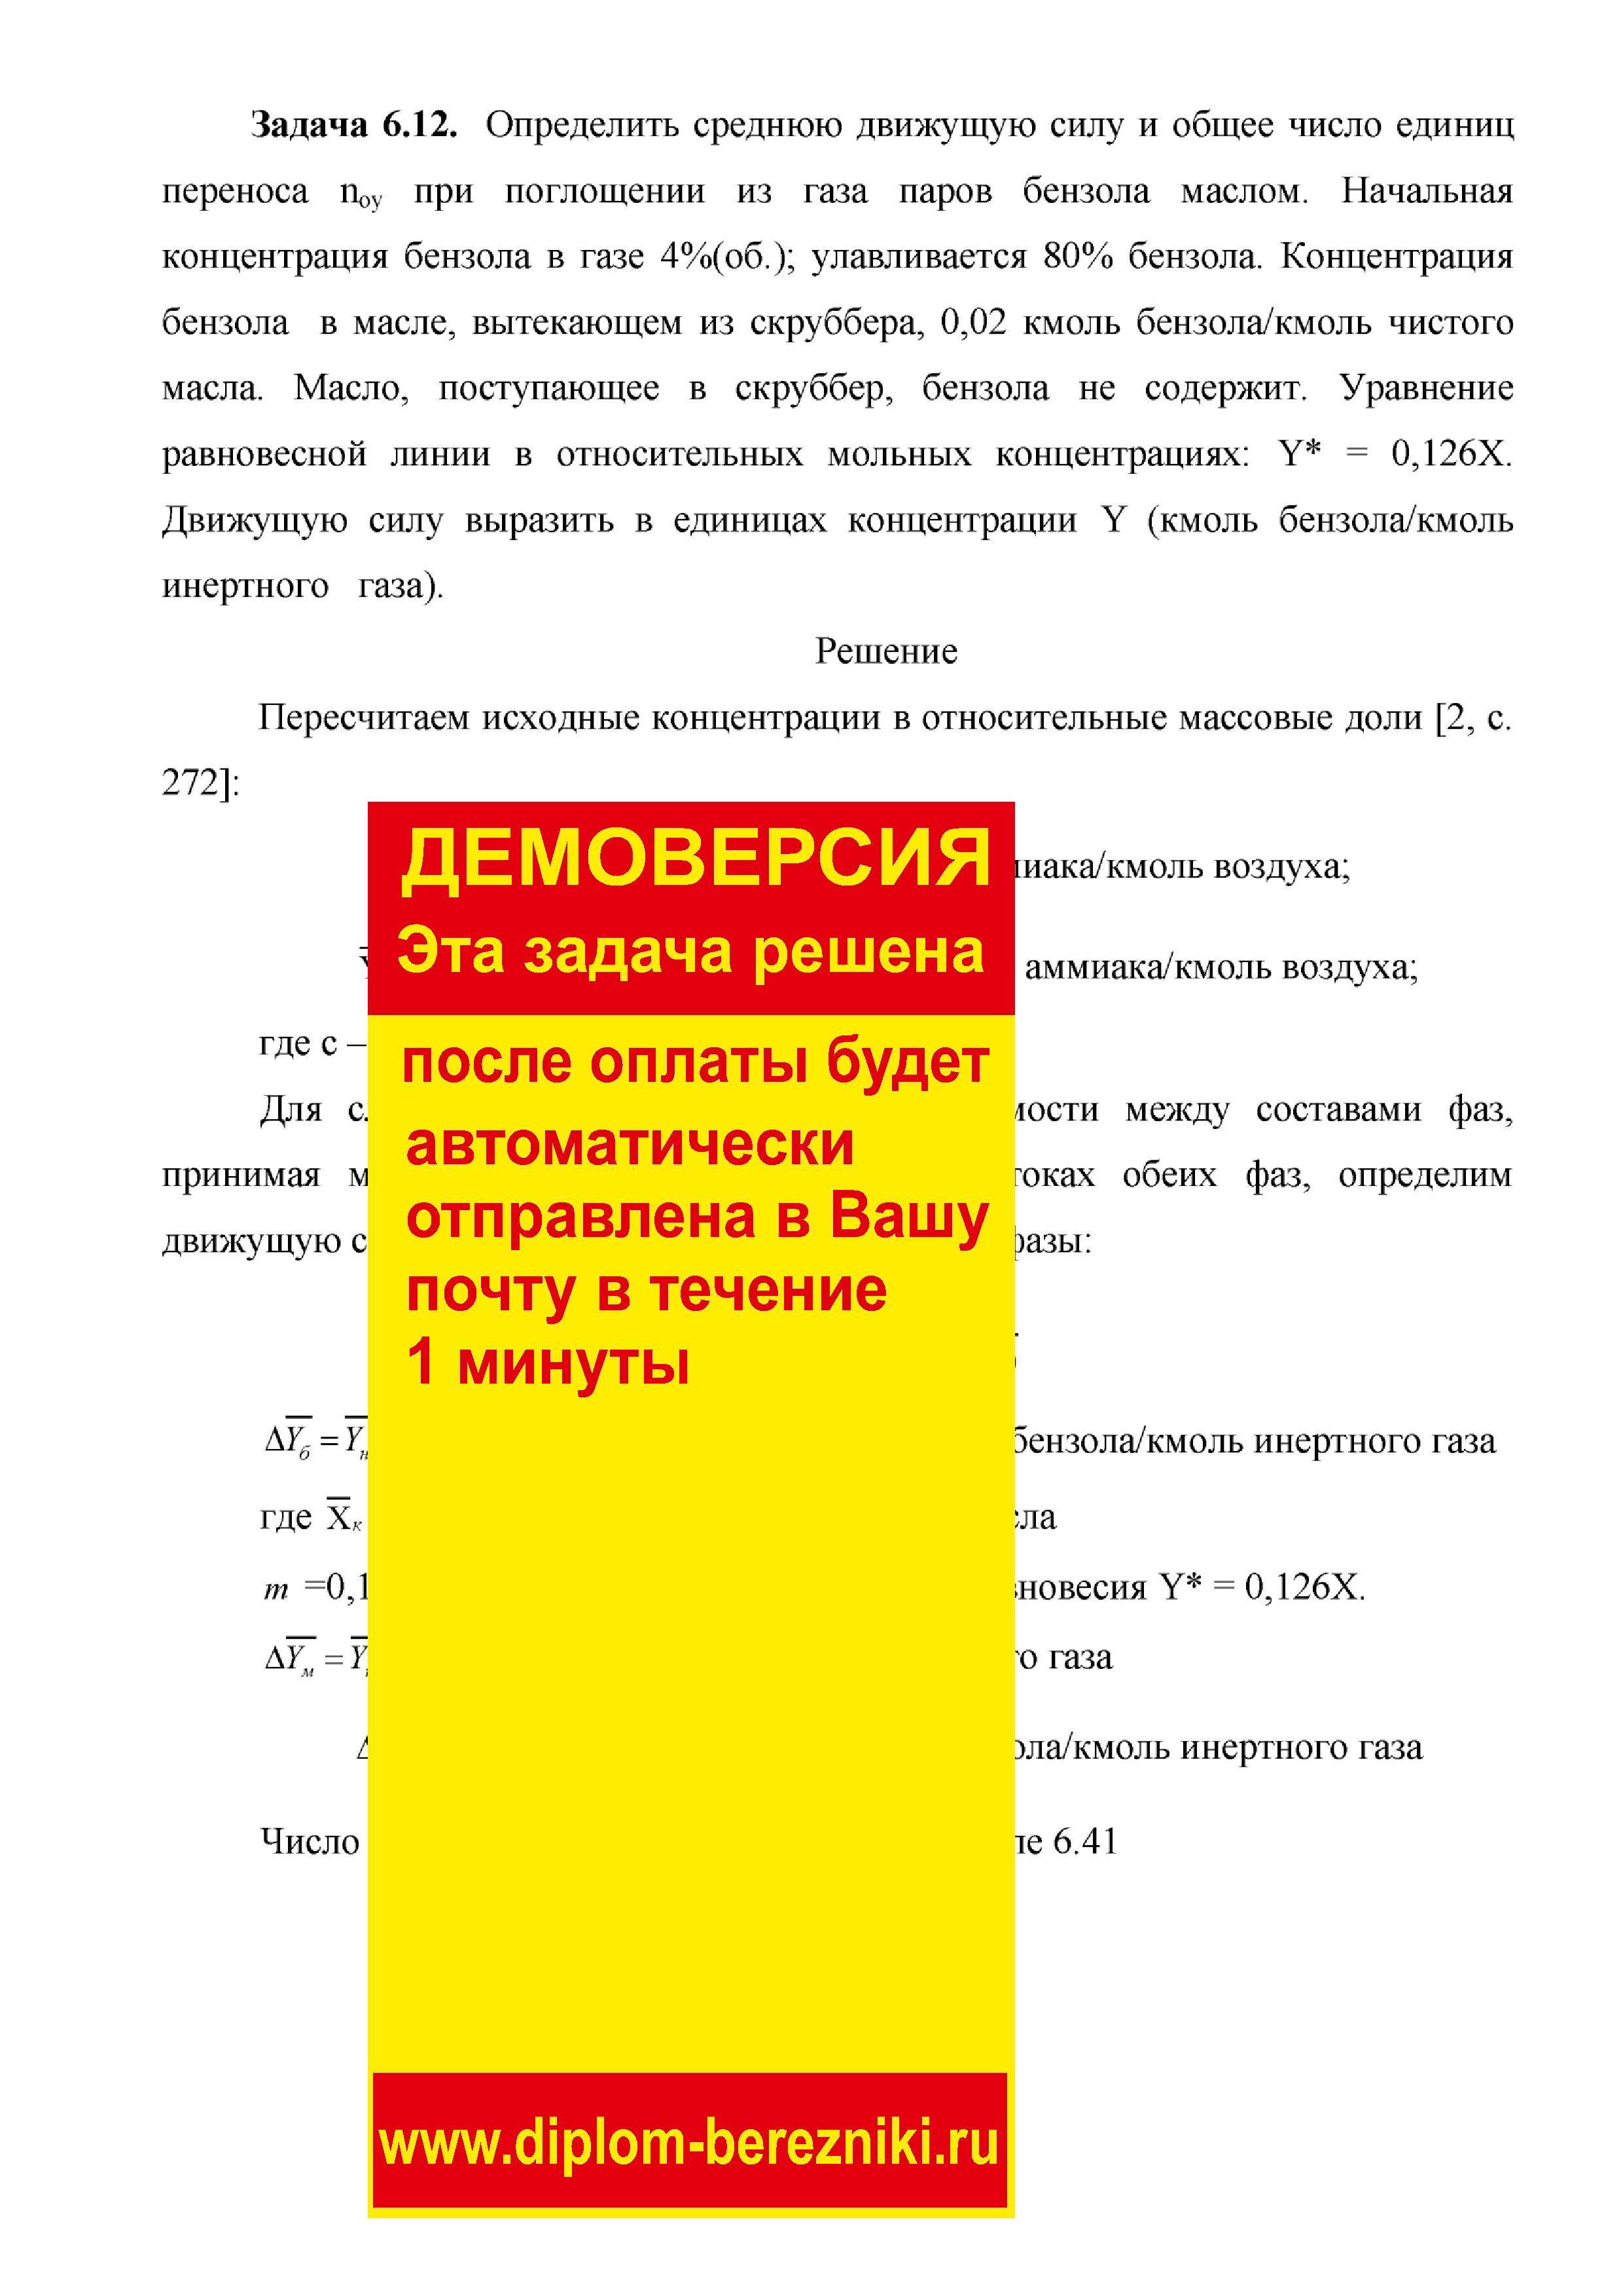 Решение задачи 6.12 по ПАХТ из задачника Павлова Романкова Носкова